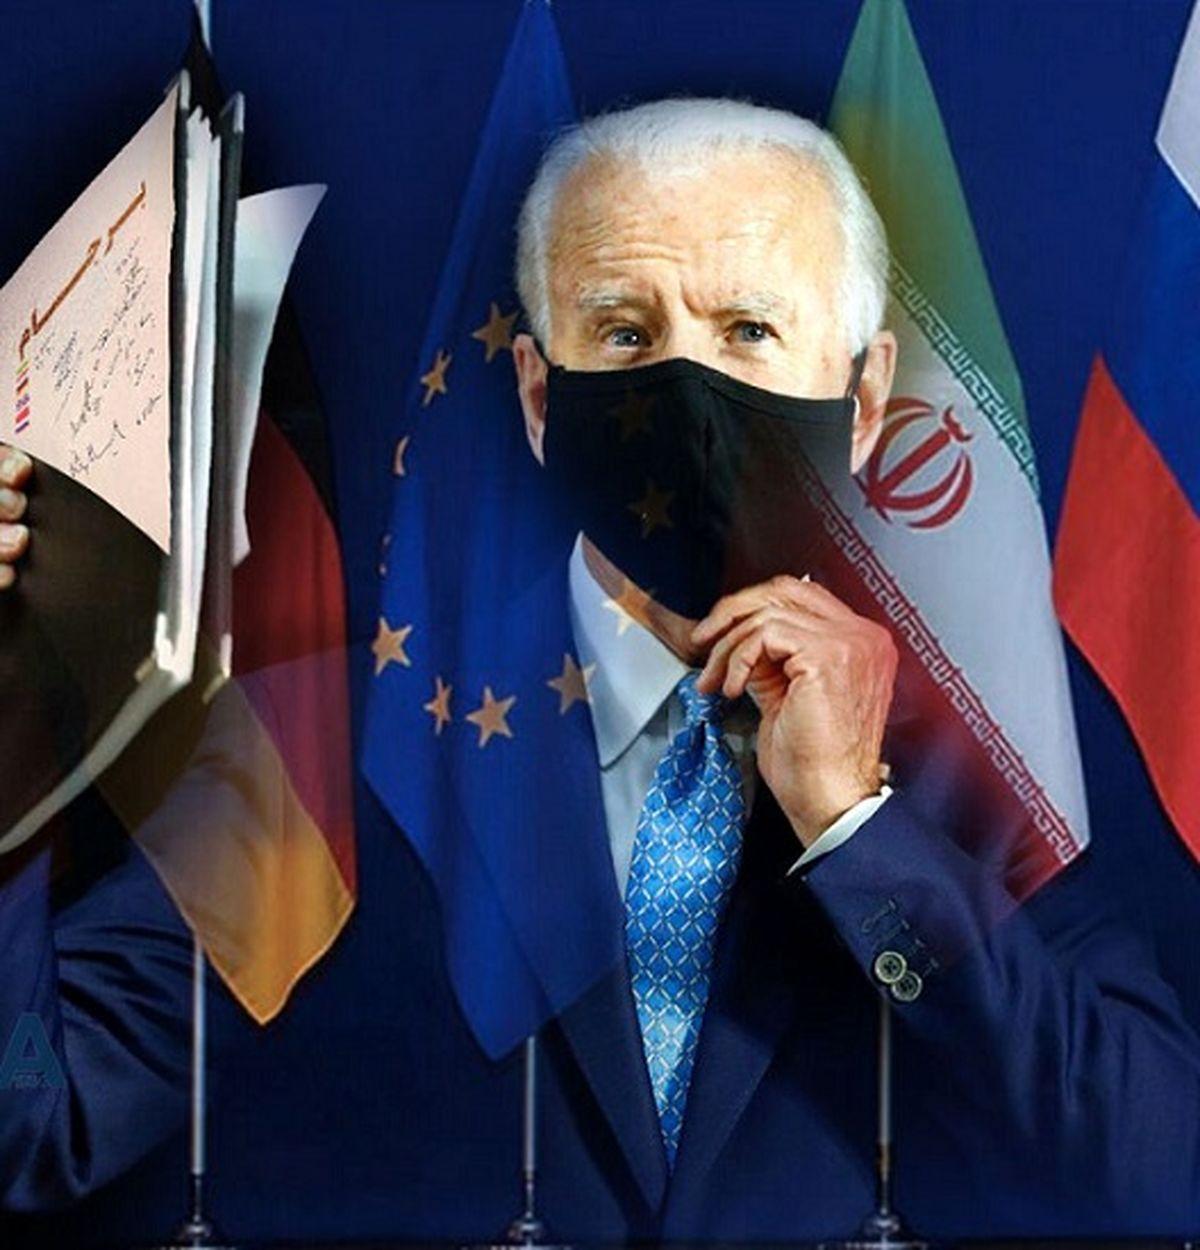 نامه نیوز گزارش می دهد؛ نقشه جدید آمریکا علیه ایران ؛ مذاکرات پشت درهای بسته